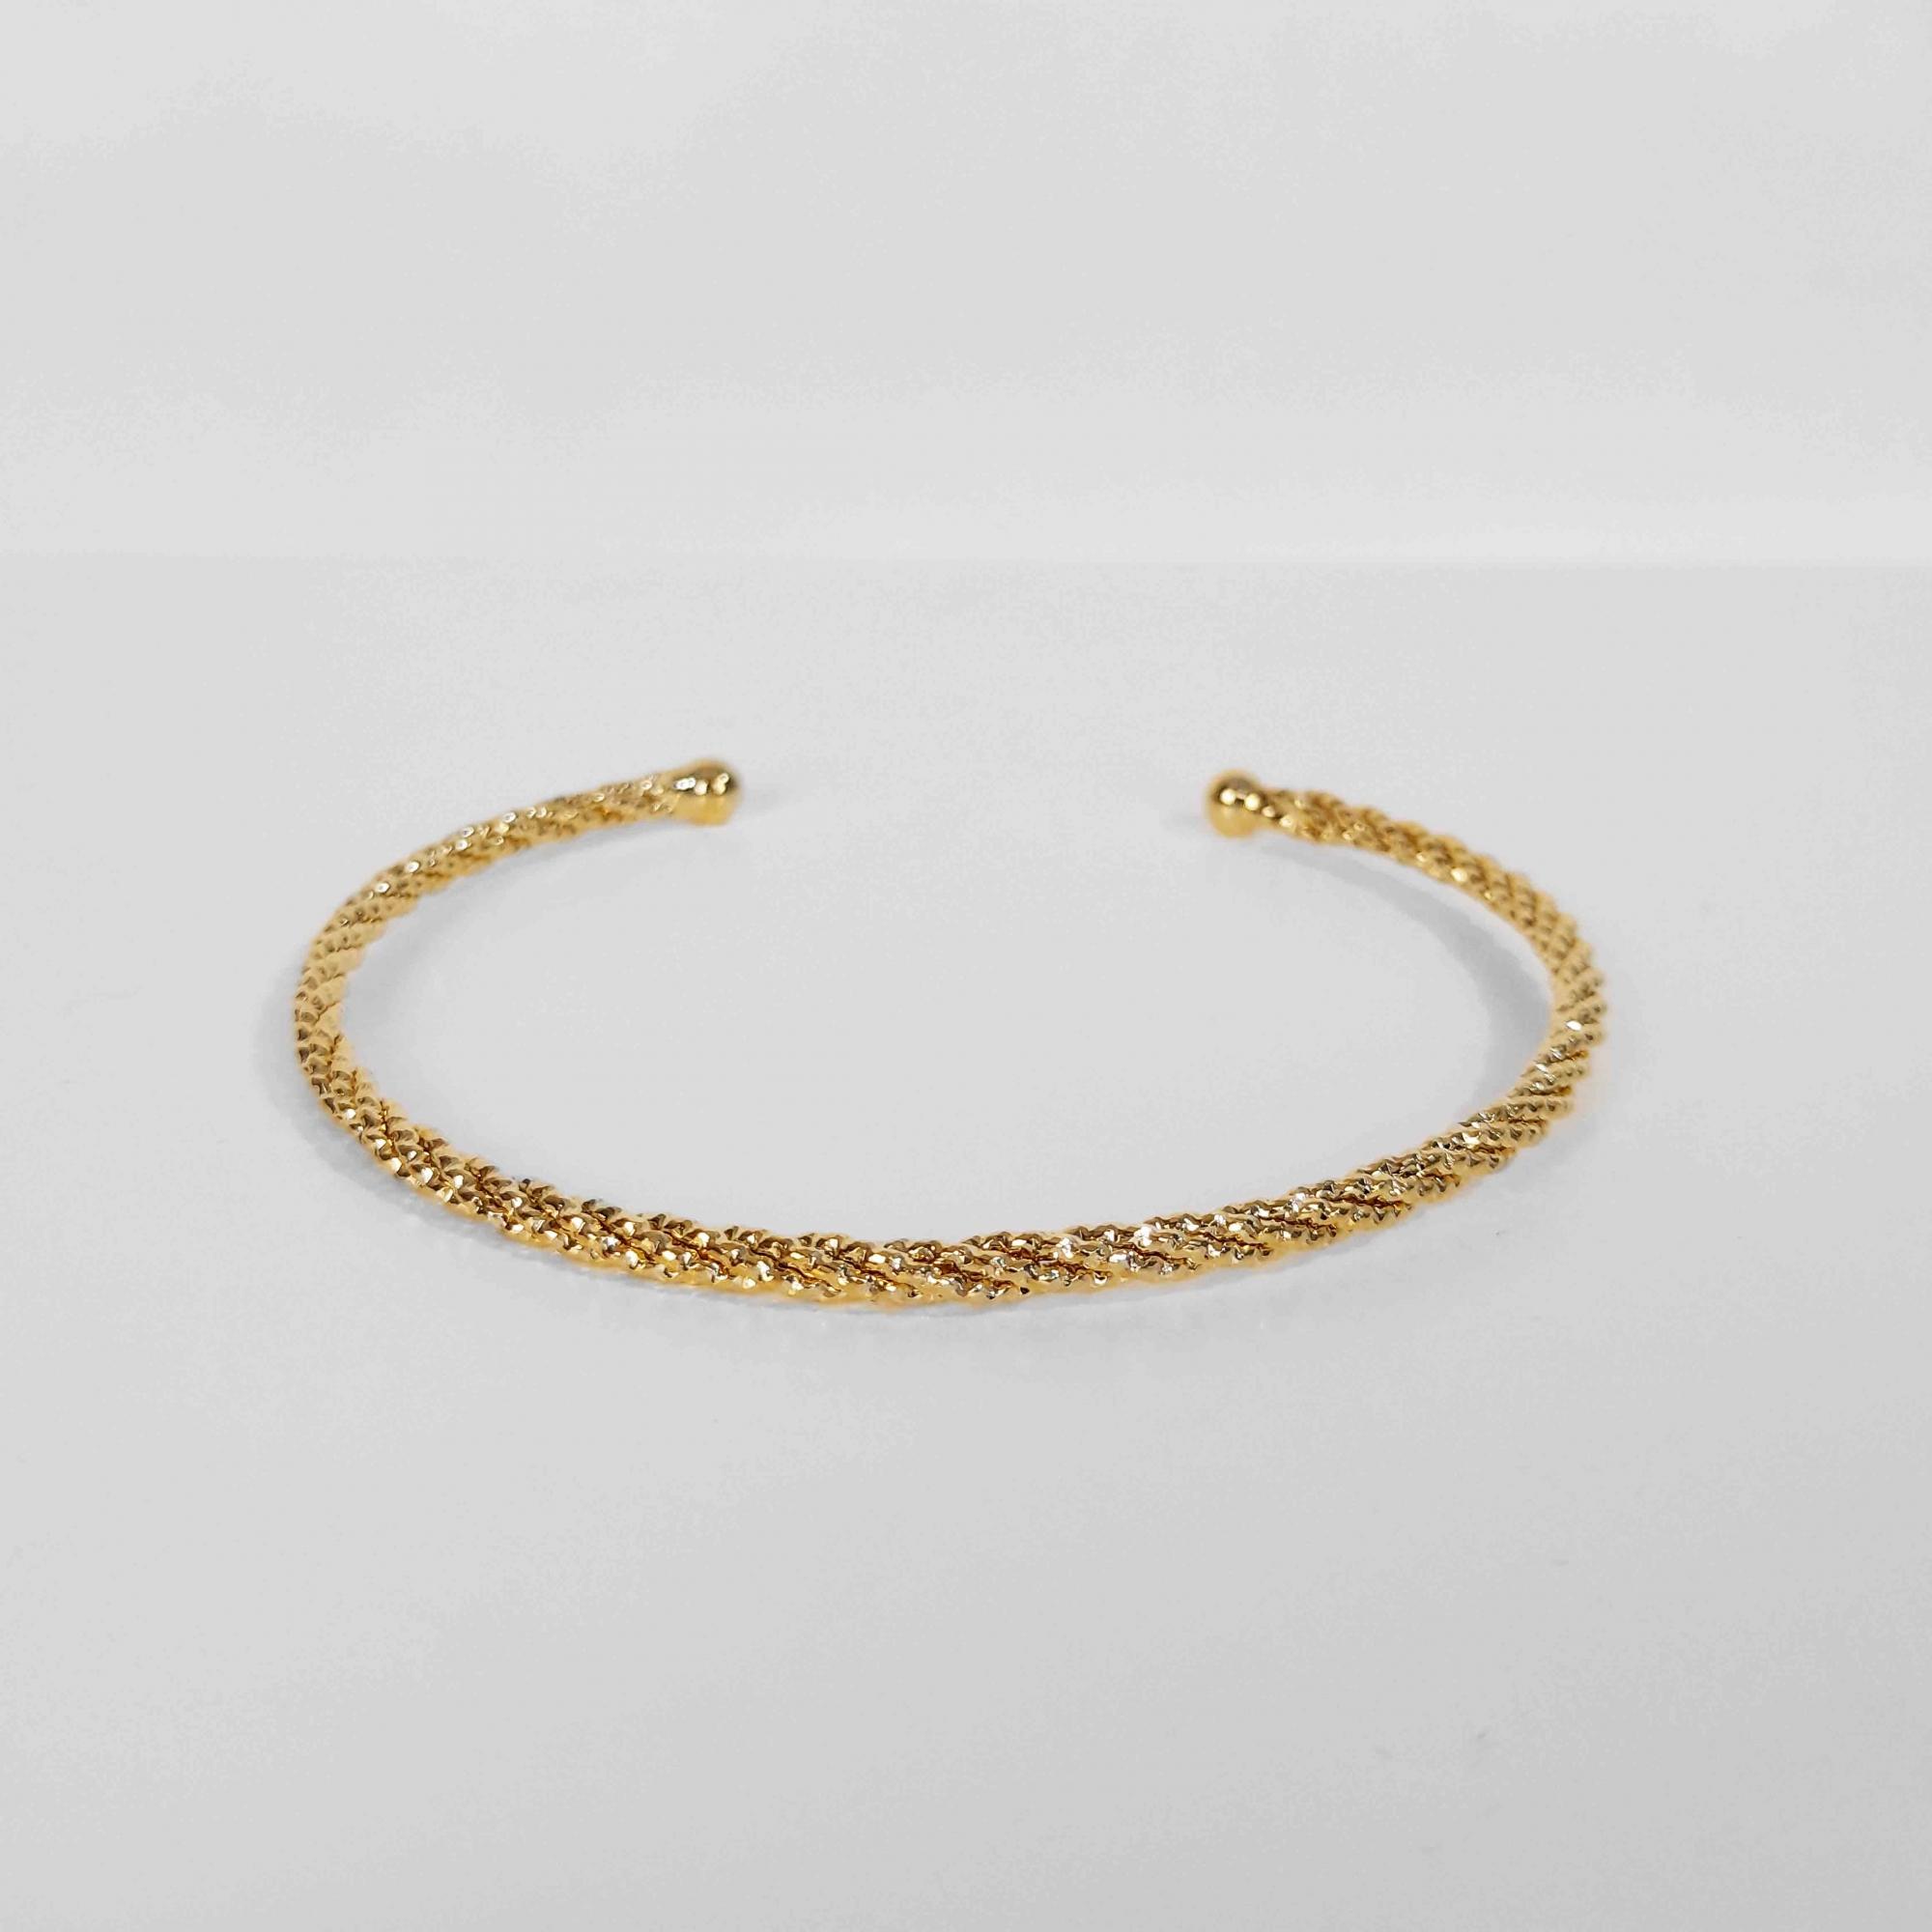 Bracelete Estilo Cordão Baiano Folheado a Ouro 18k  - Lunozê Joias